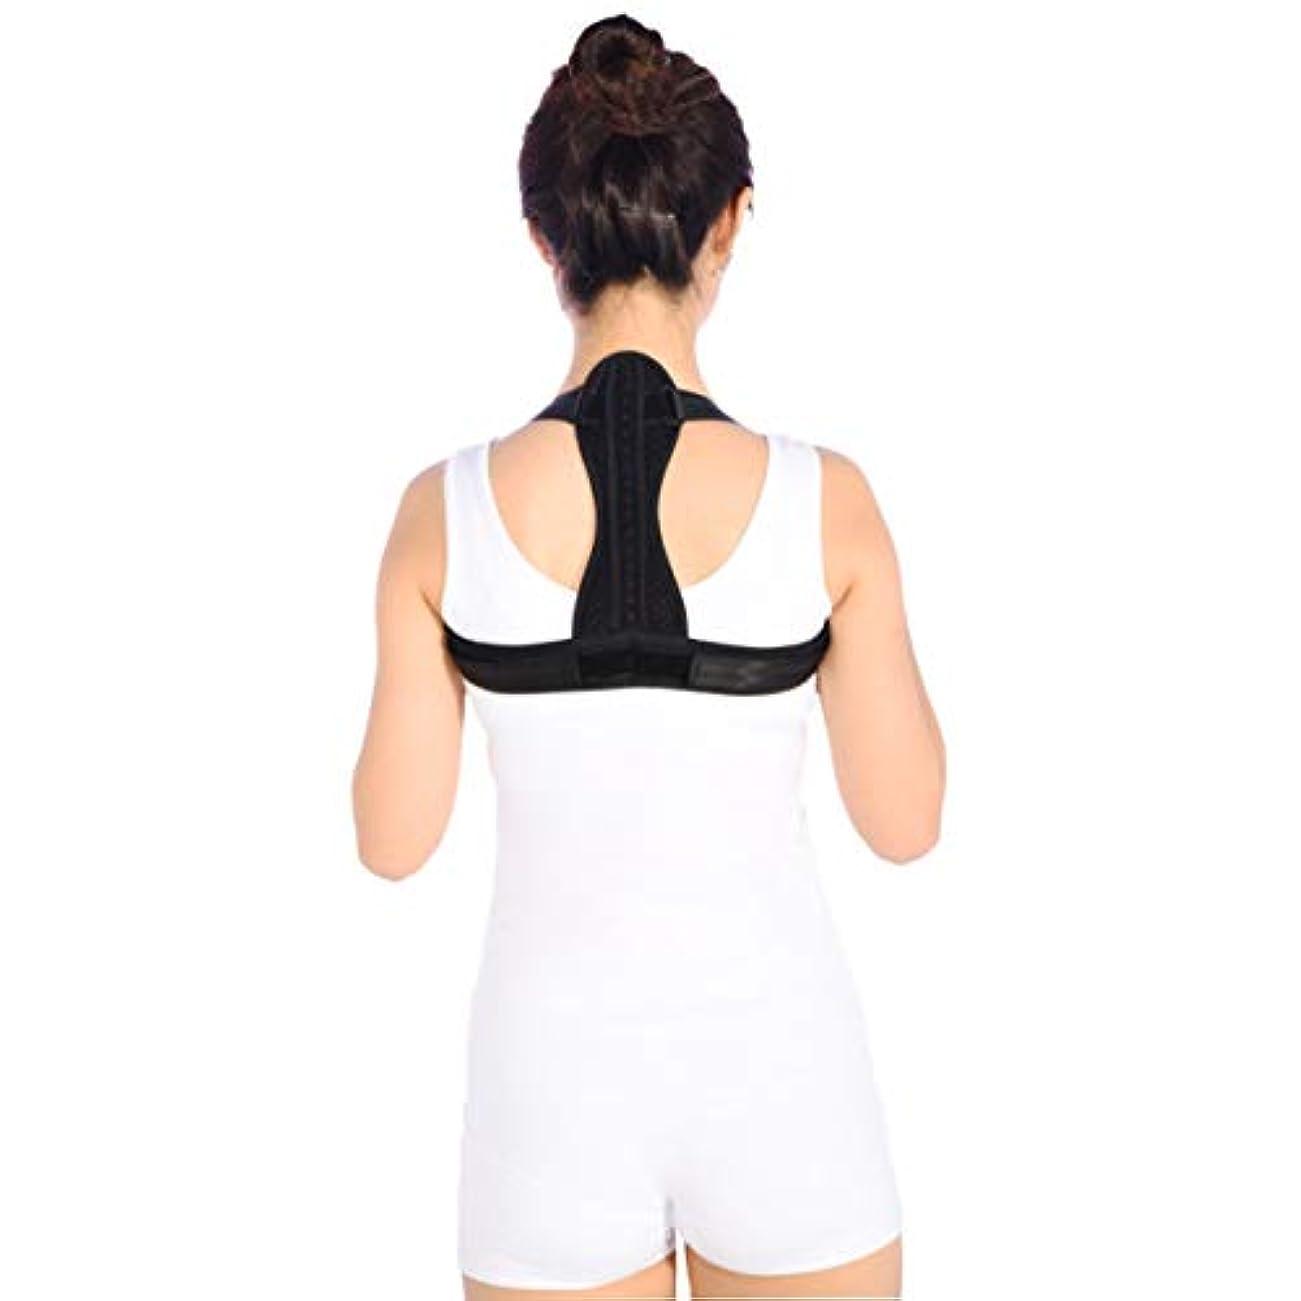 鷲差し迫ったサンドイッチ通気性の脊柱側弯症ザトウクジラ補正ベルト調節可能な快適さ目に見えないベルト男性女性大人学生子供 - 黒